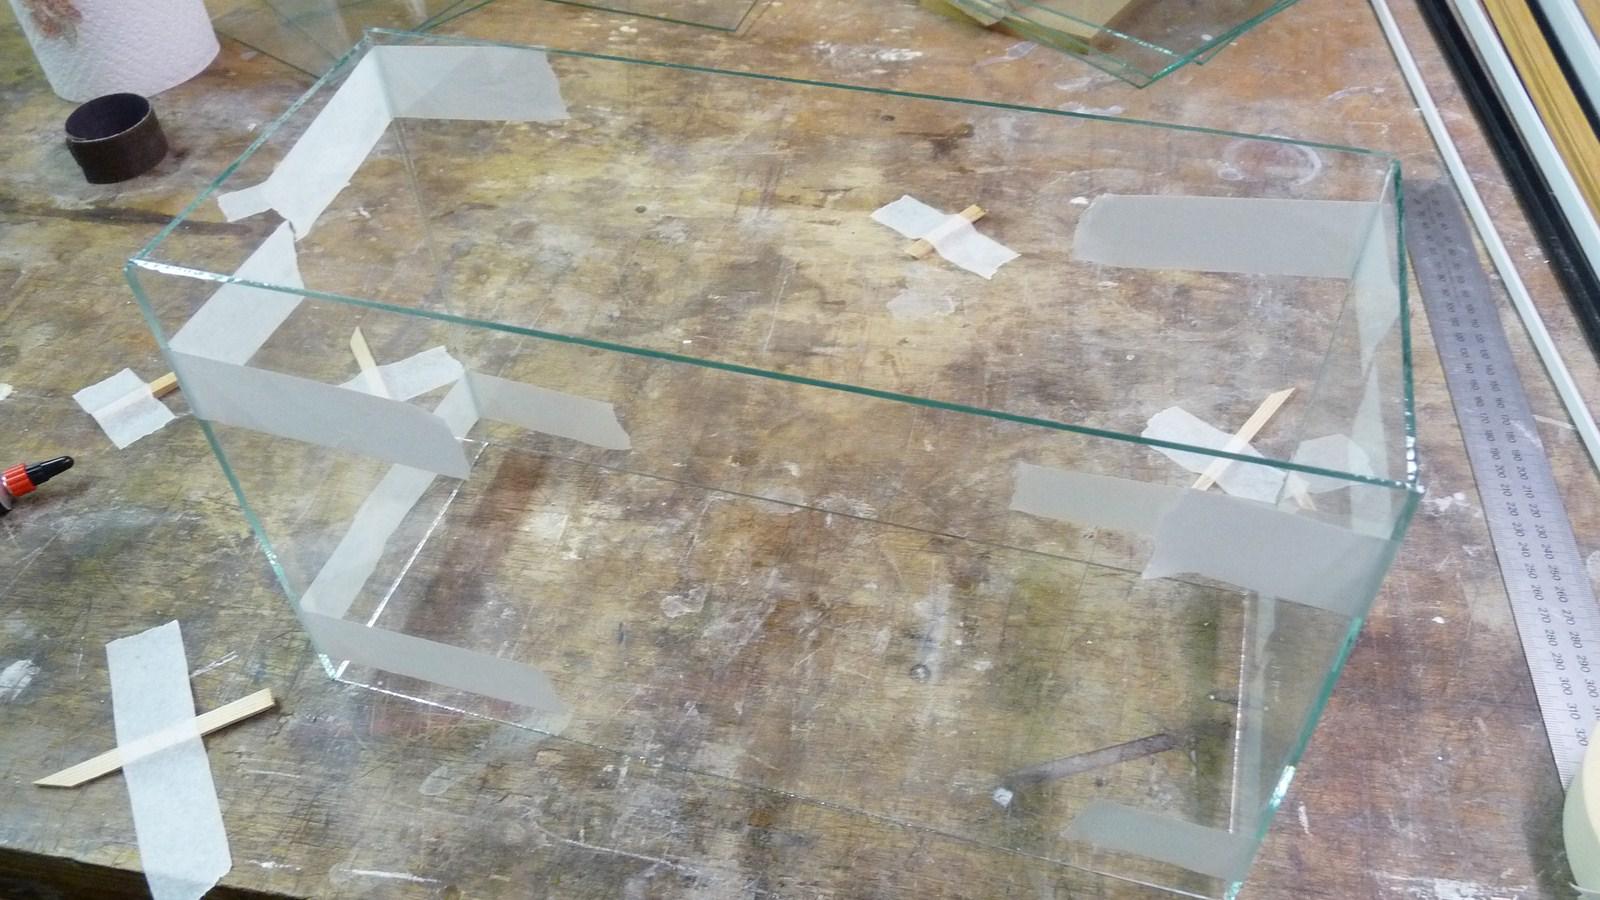 fabriquer une vitrine - Fabriquer ses propres vitrines en verre 17071907263923134915156547